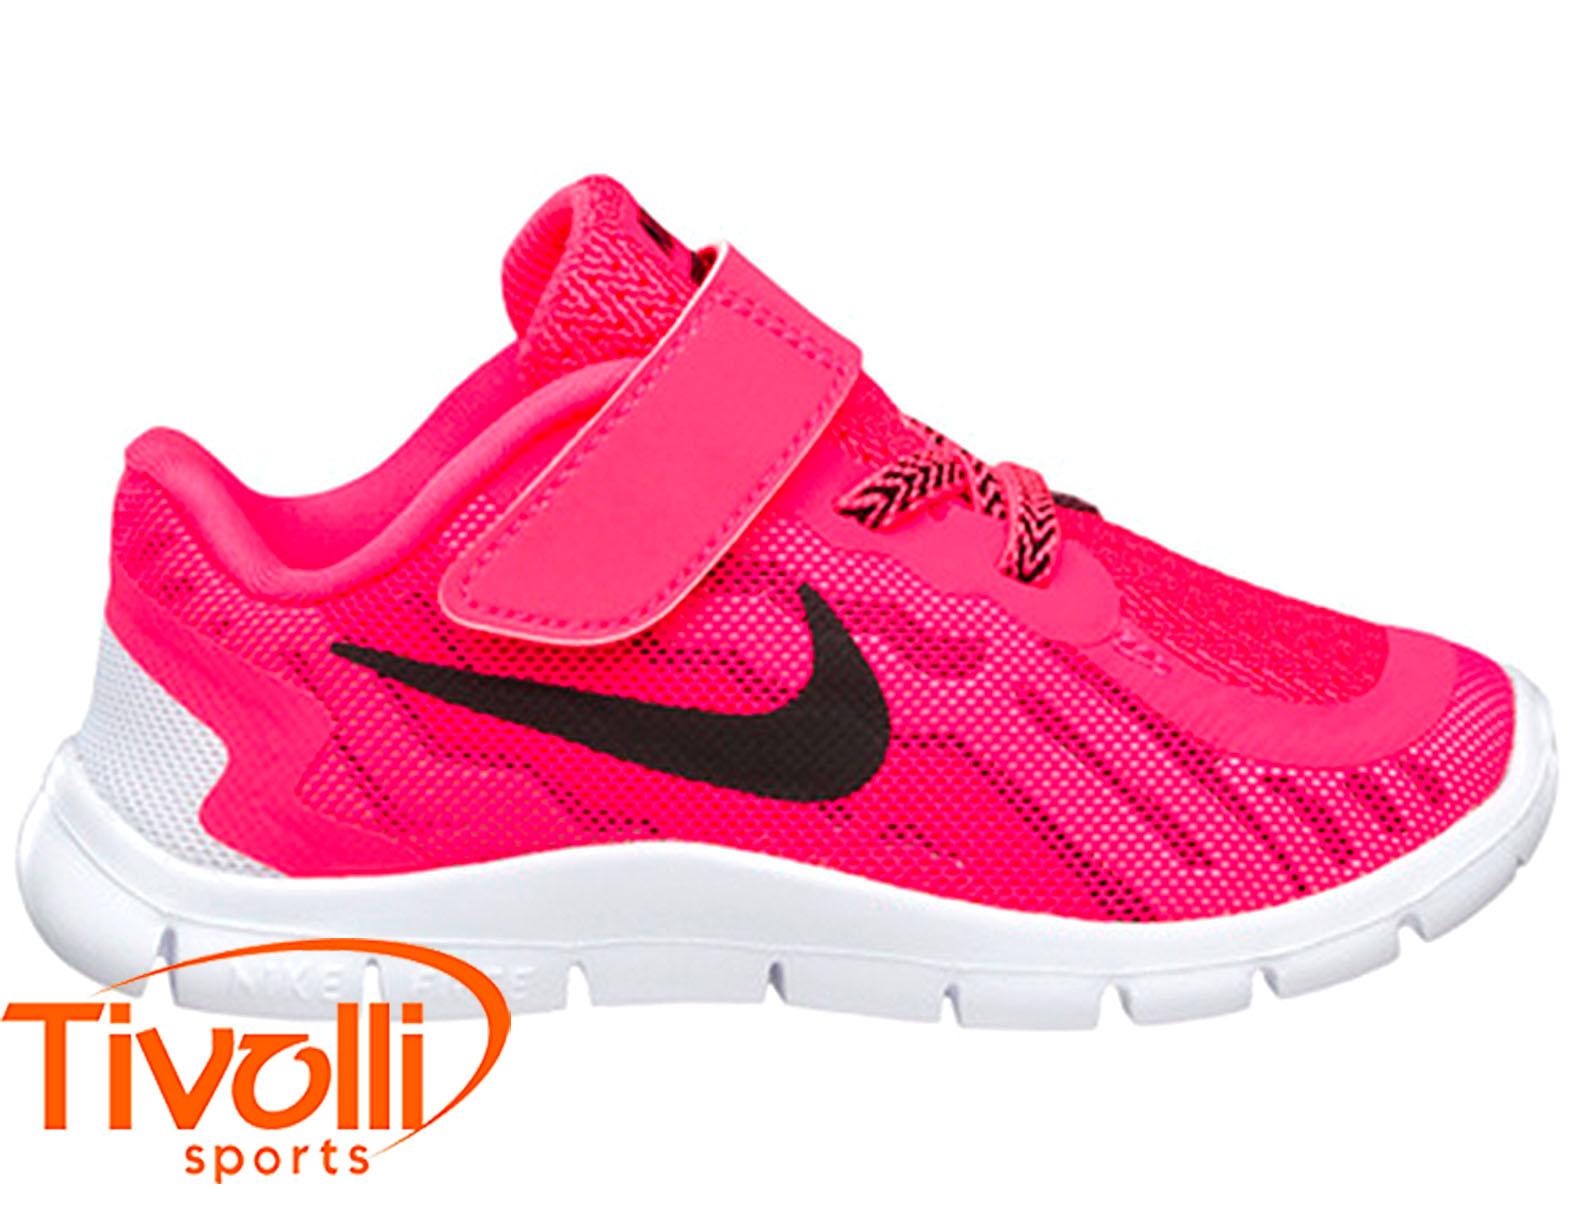 new style c6d24 ba75d Tênis Nike Free 5 (TDV) infantil rosa pink e branco